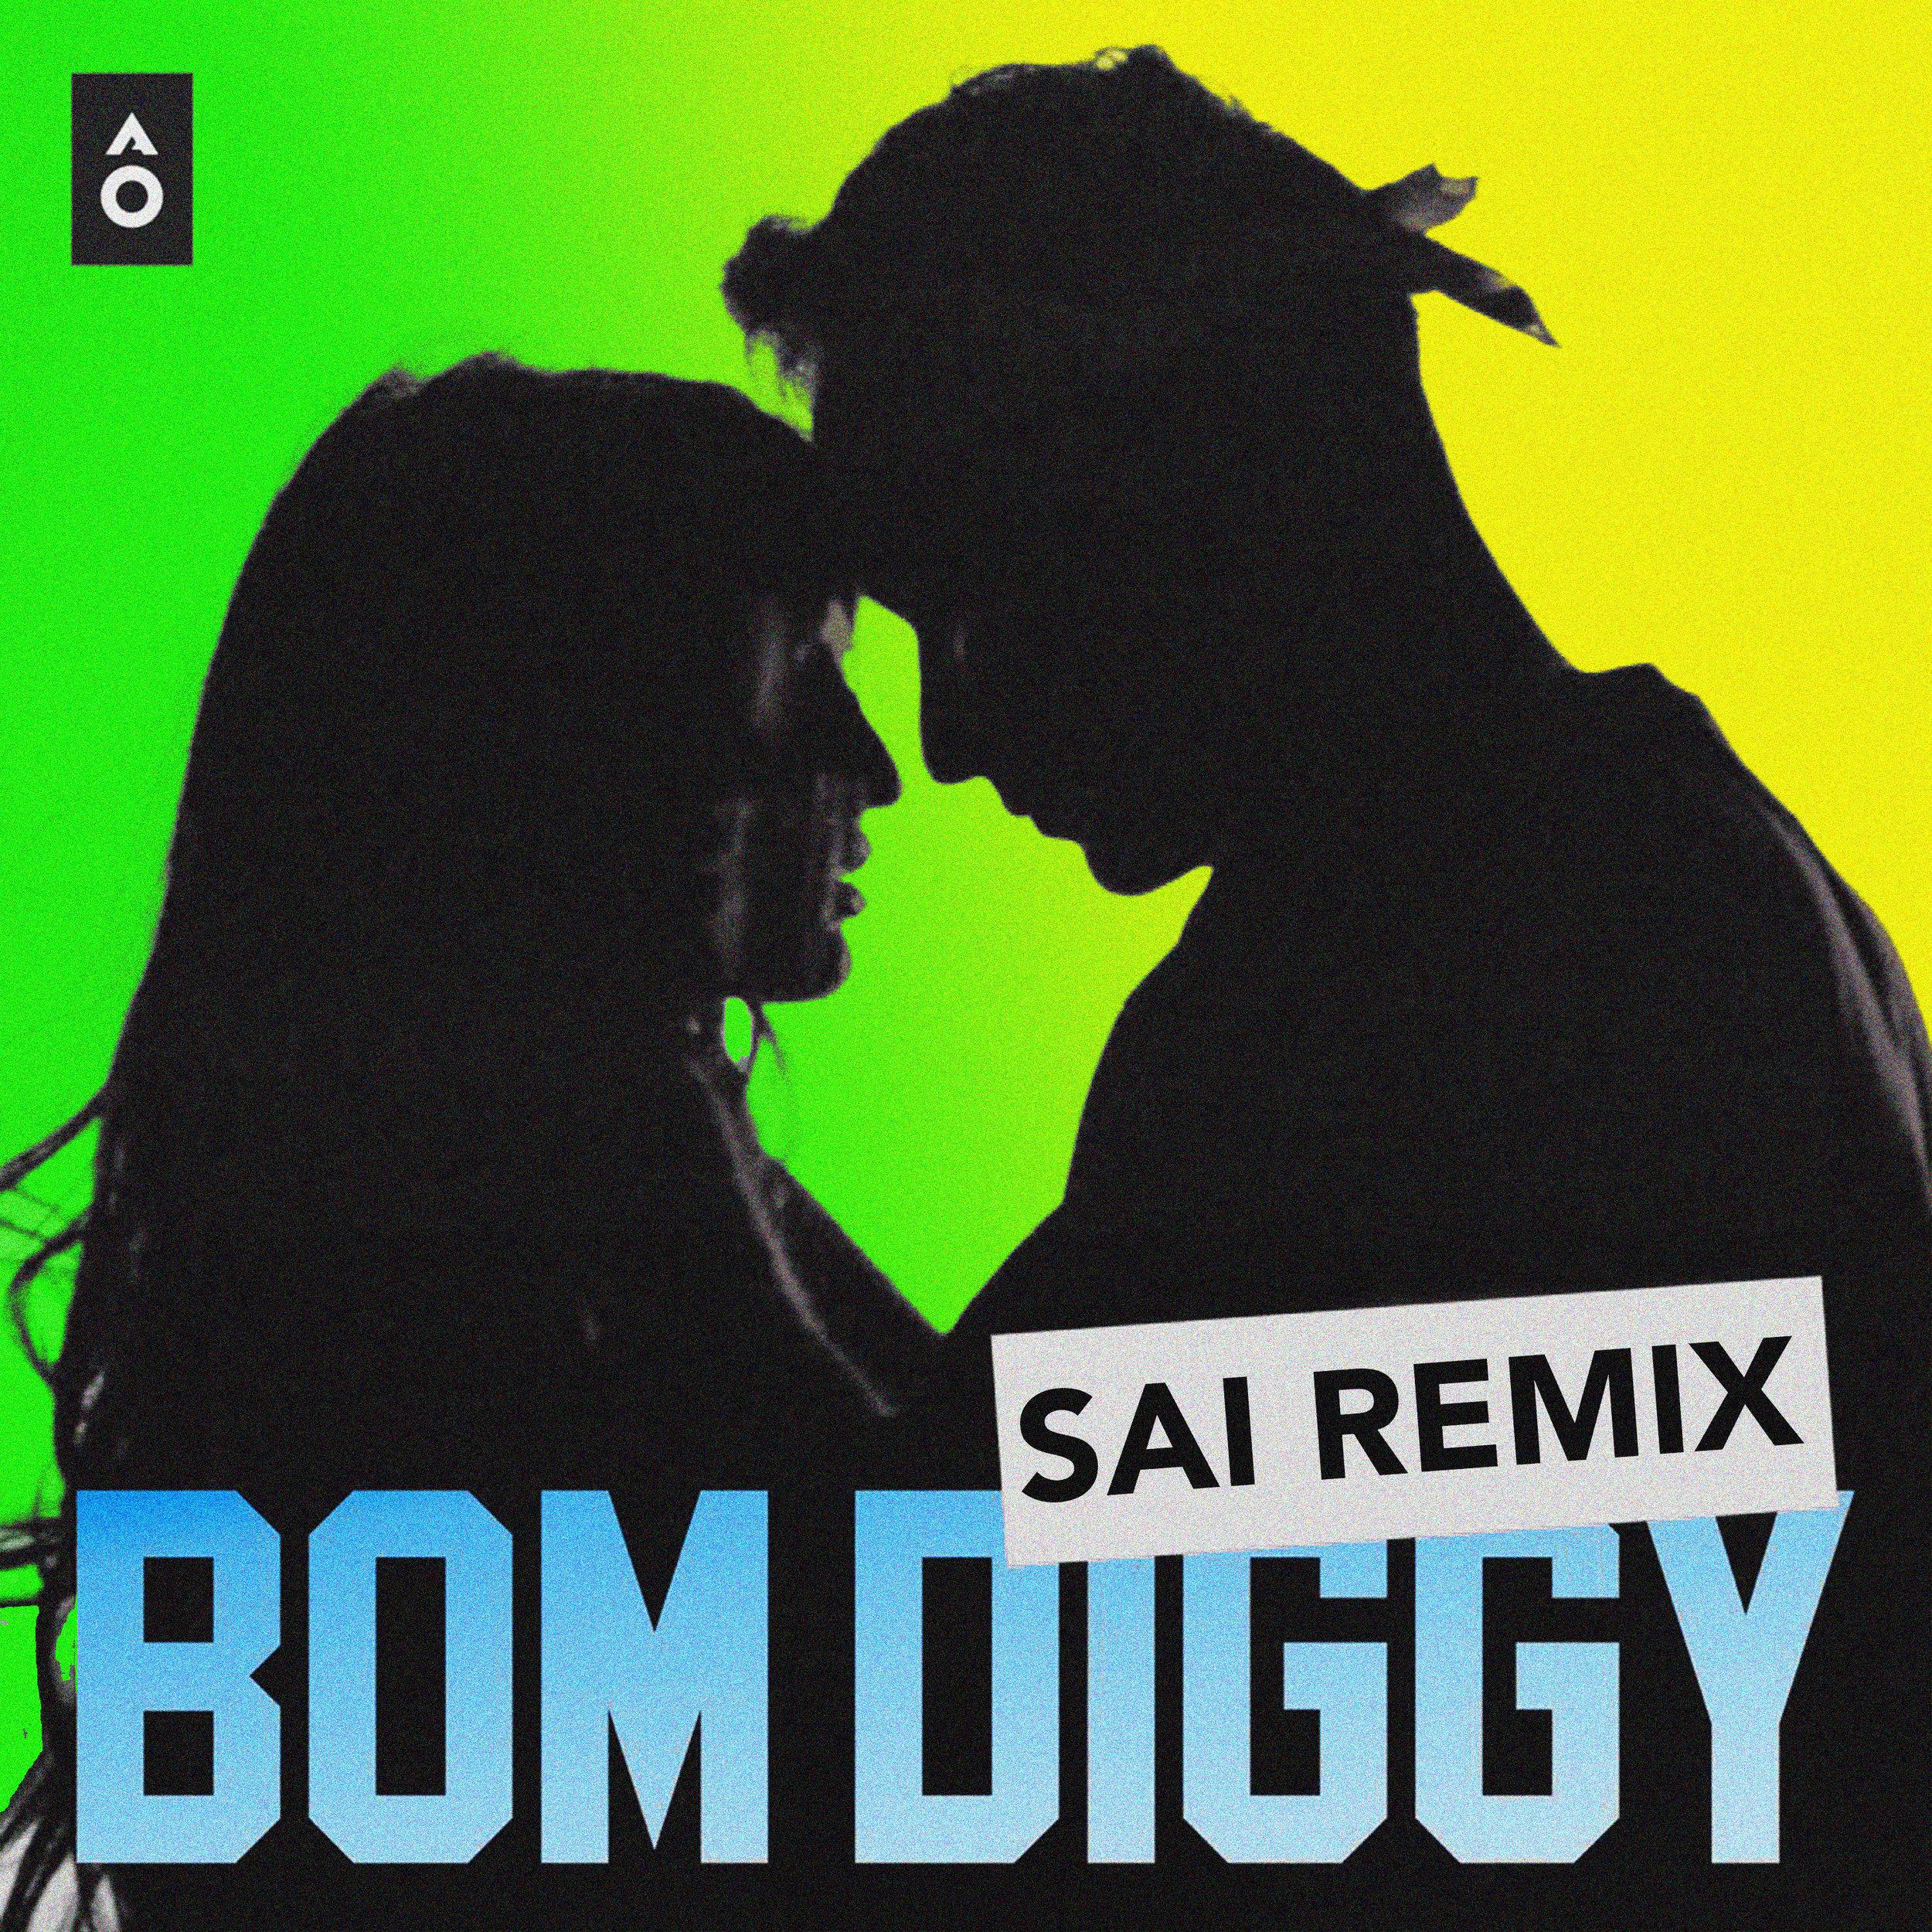 bom diggy remix zack knight aboywithabag SAI